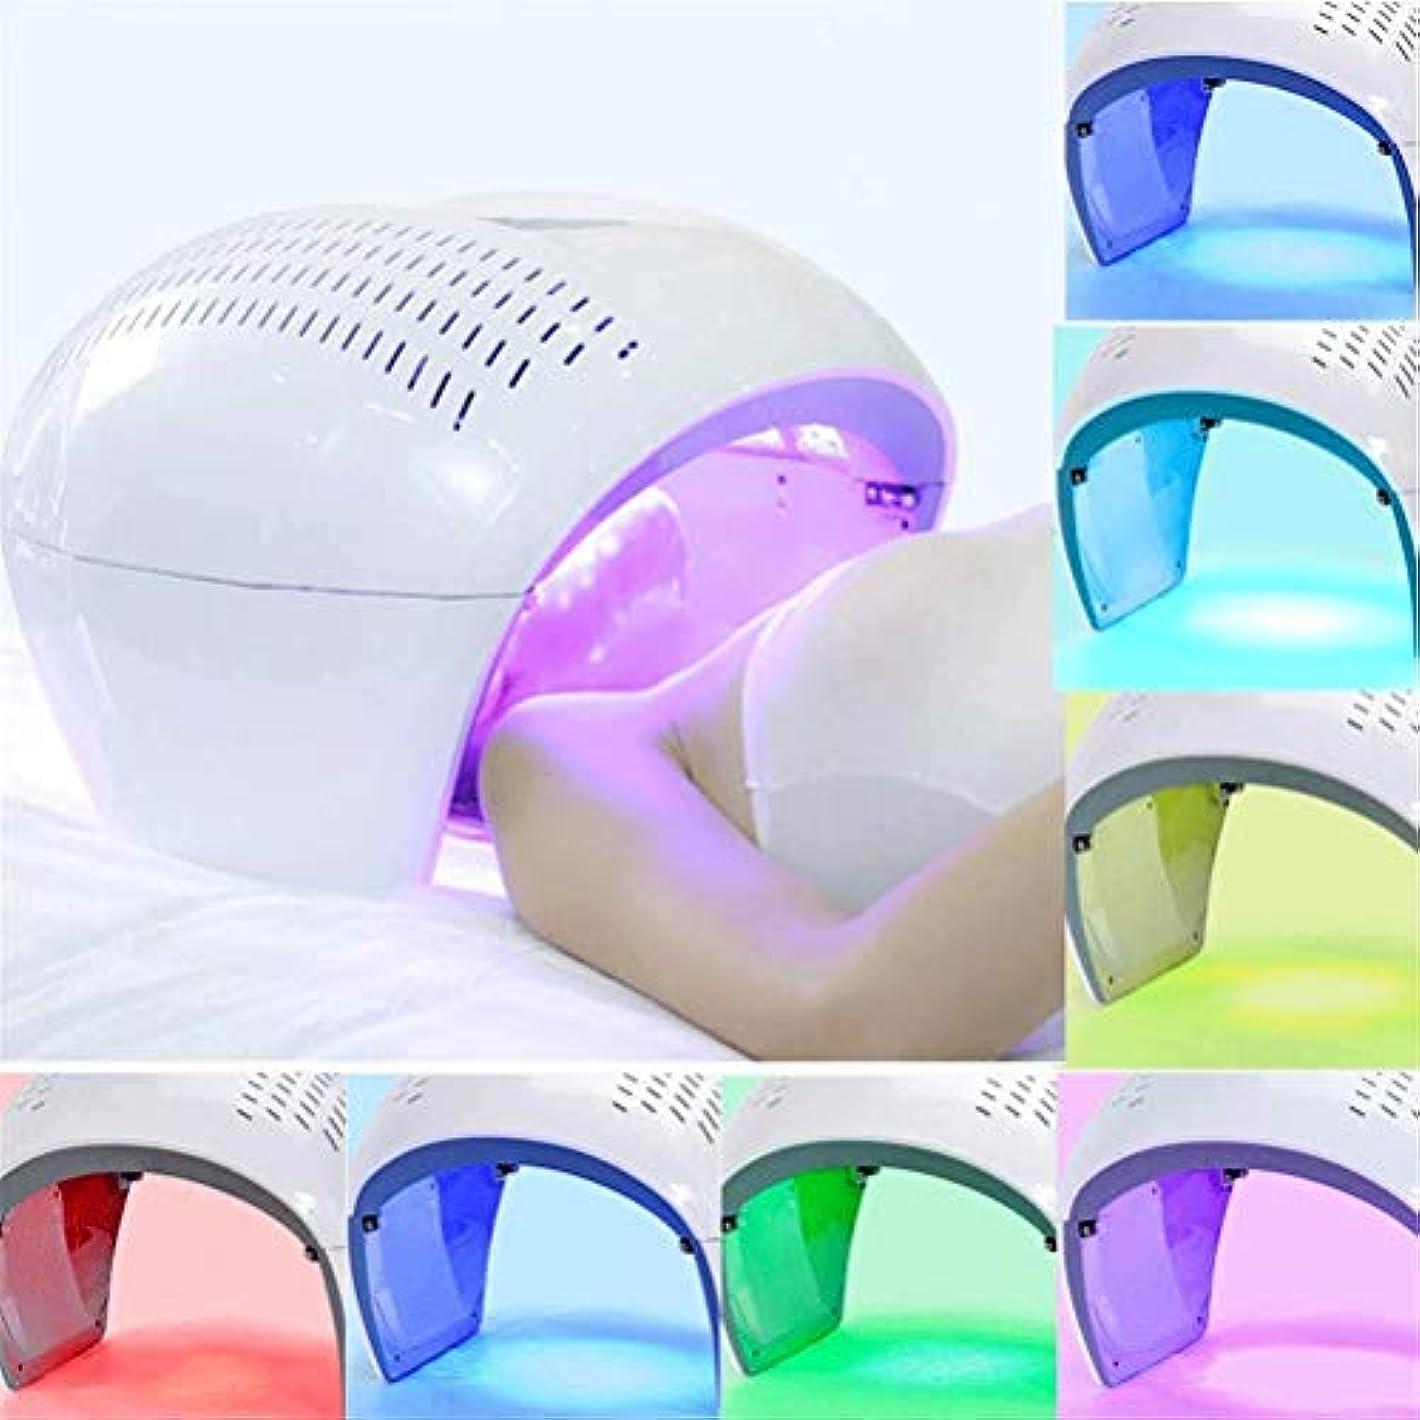 冷淡な何十人も呼吸美容機、ホームサロンの使用のためにフェイシャルマスクセラピーライトポータブル光子PDTにきび治療しわ除去アンチエイジング肌の若返りスキンケア美容機LED - 7色の